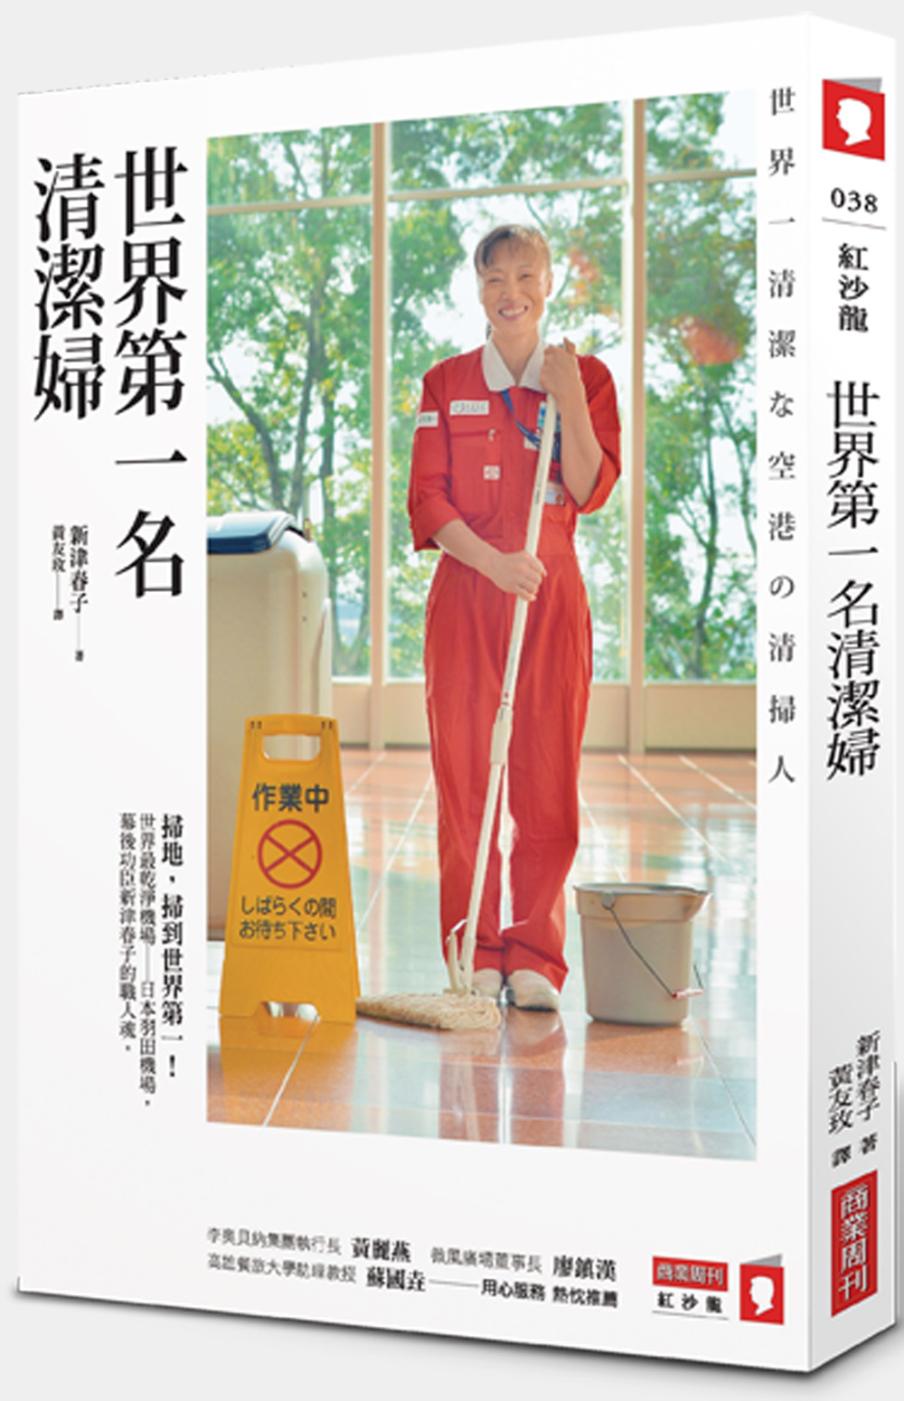 世界第一名清潔婦